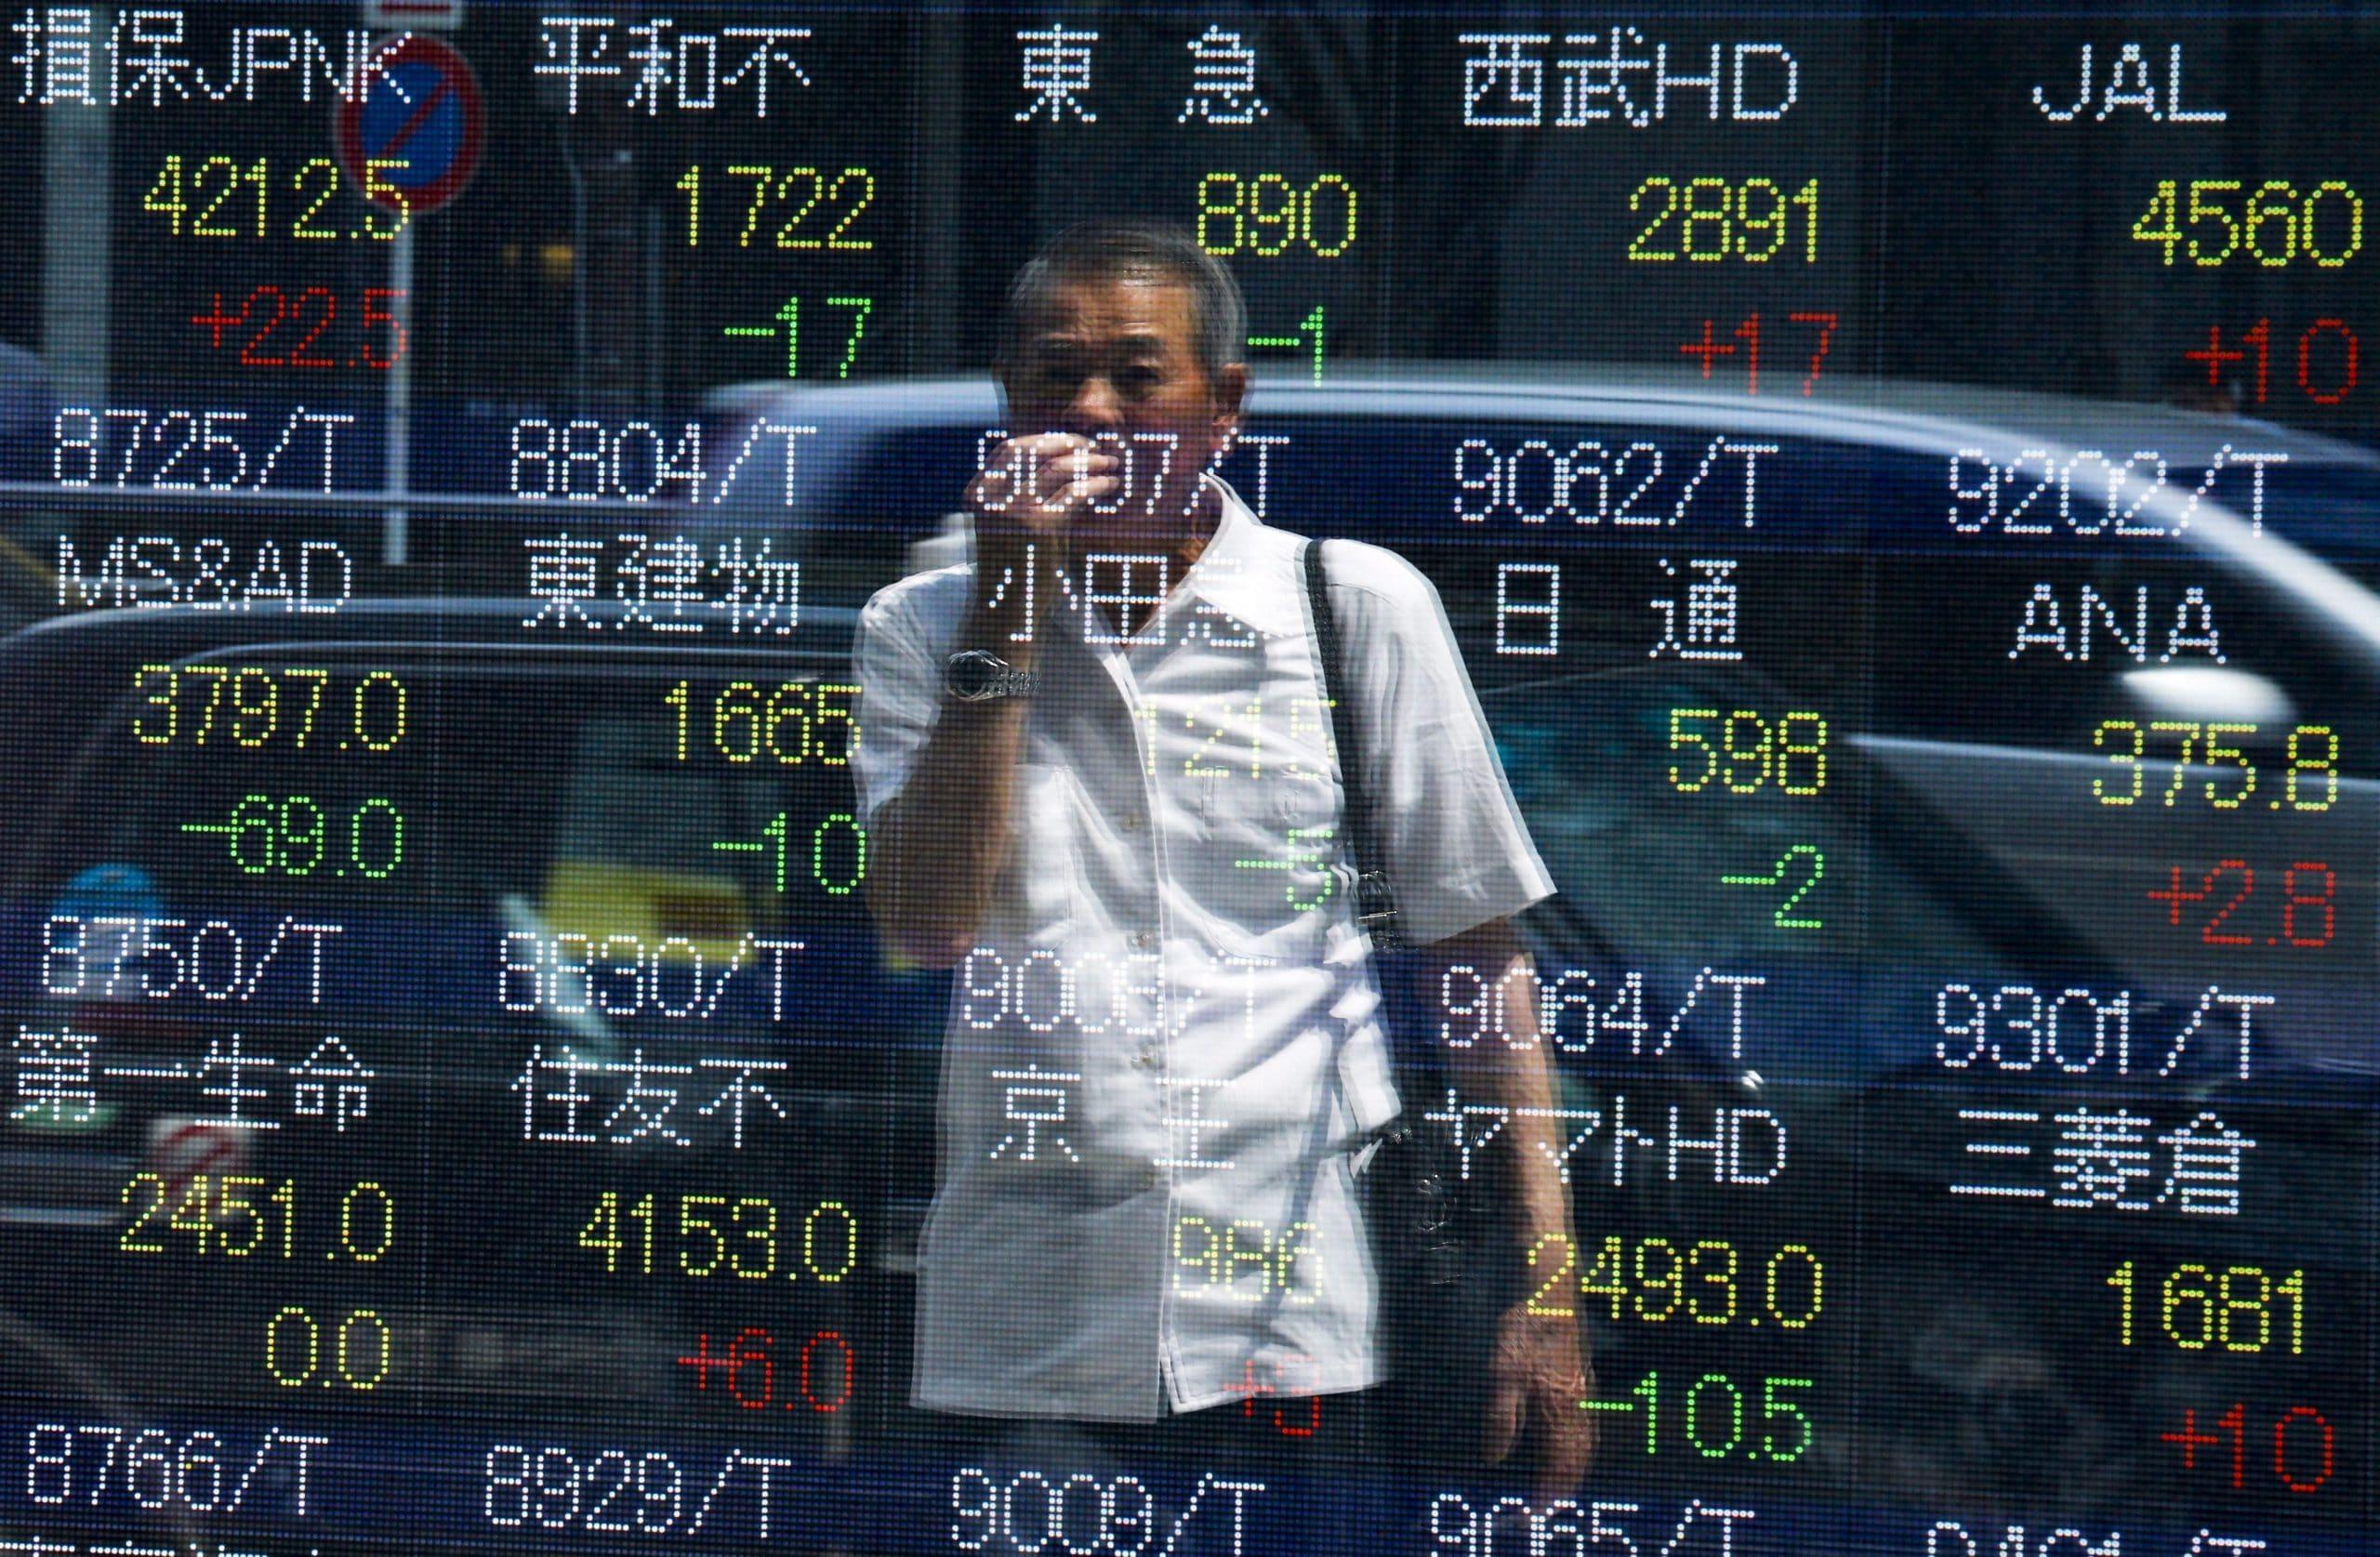 7 enero caen las bolsas en china